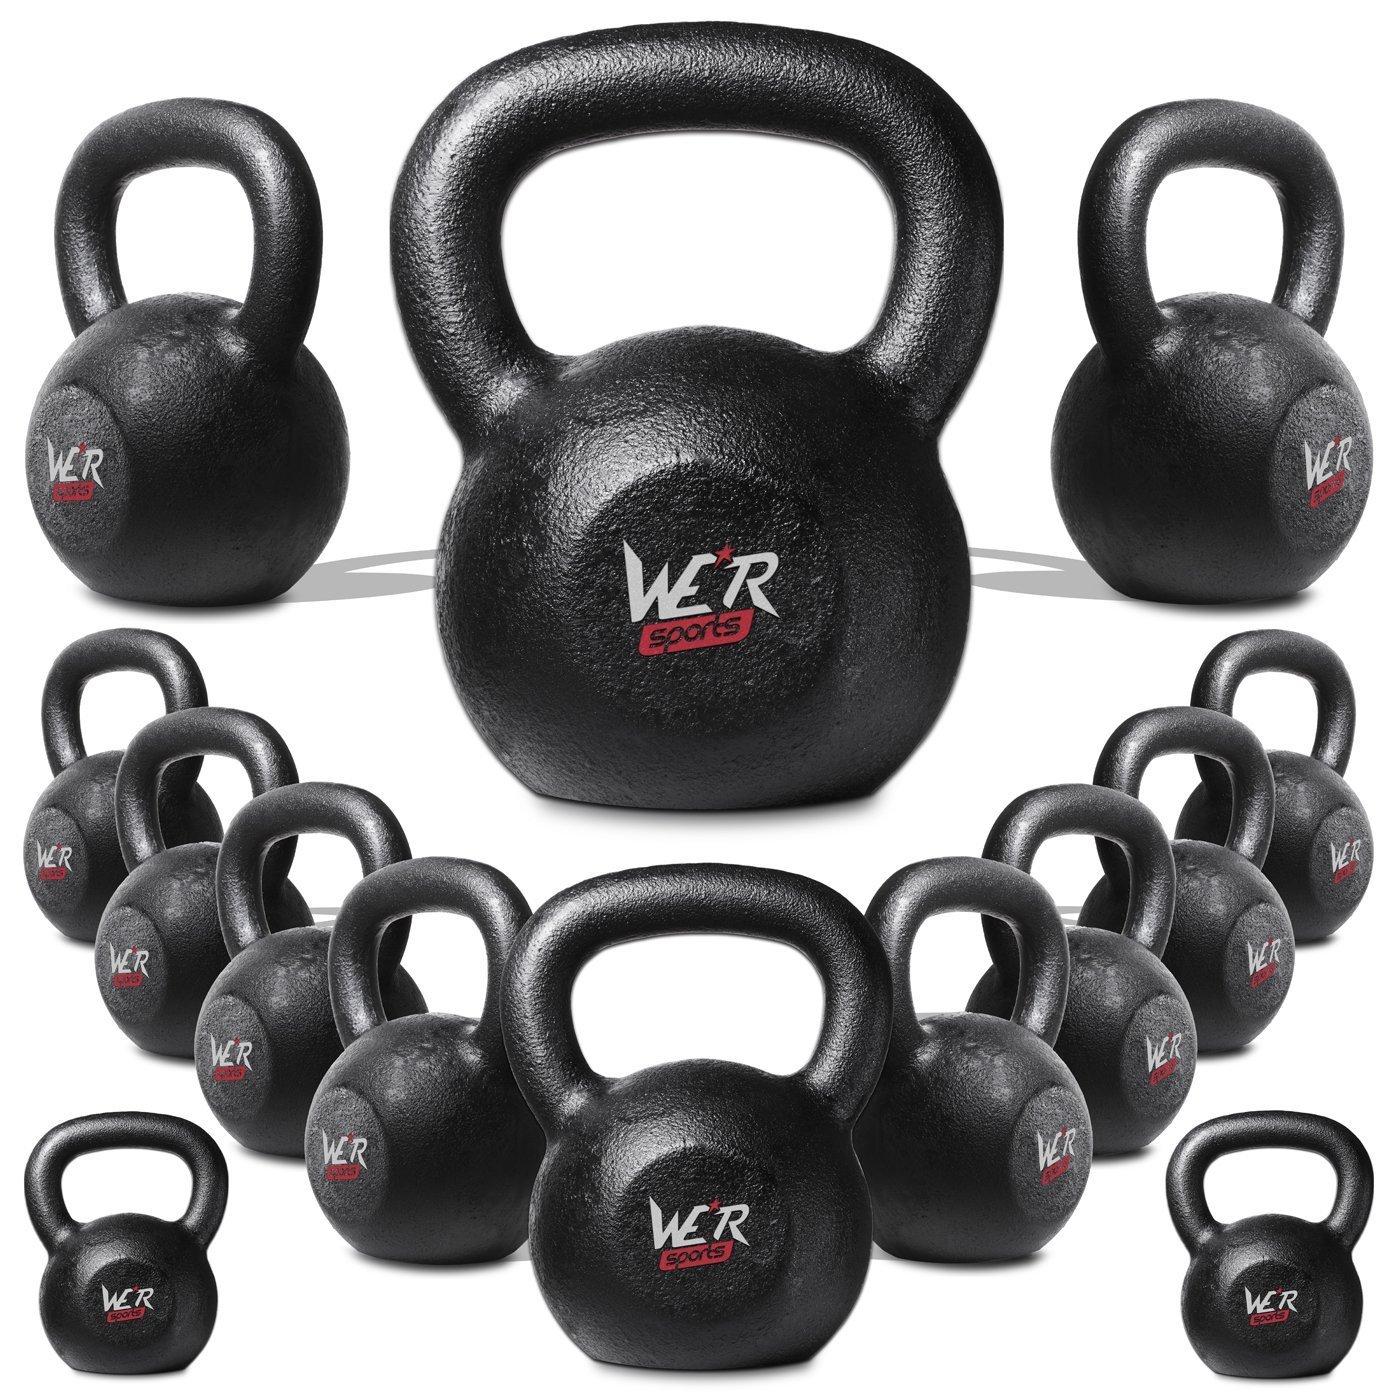 4kg 6kg 8kg 10kg 12kg 16kg 20kg 24kg 28kg30kg 32kg 36kg Und 40kg Besetzung Eisen Kettlebell Turnhalle Ton Fitness Übung